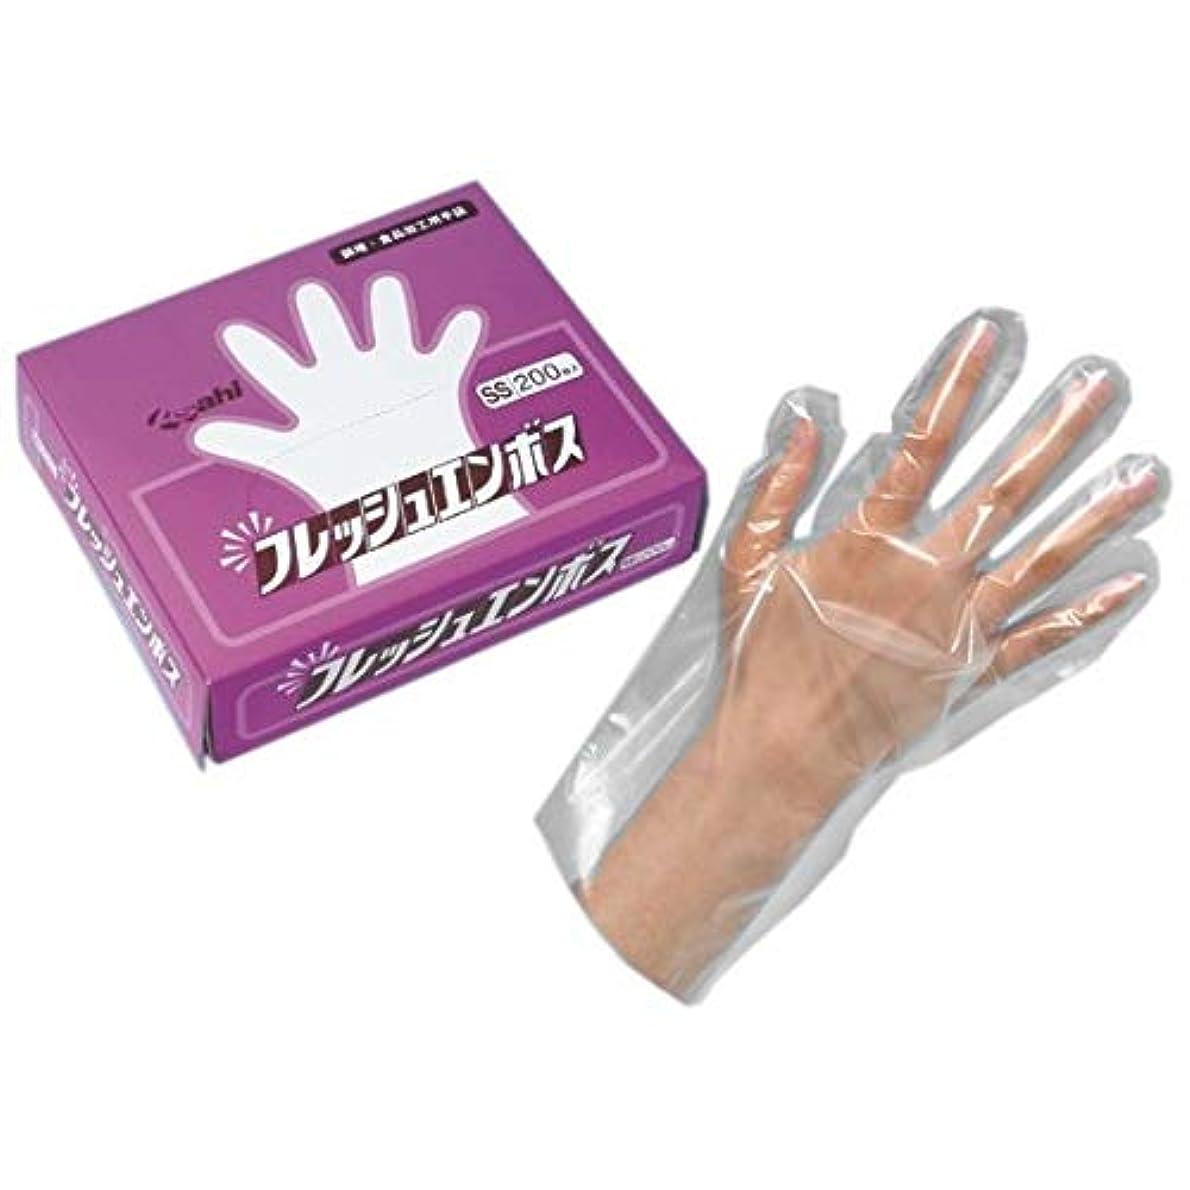 グリーンランド買い手療法フレッシュエンボス 手袋 SSサイズ 200枚入